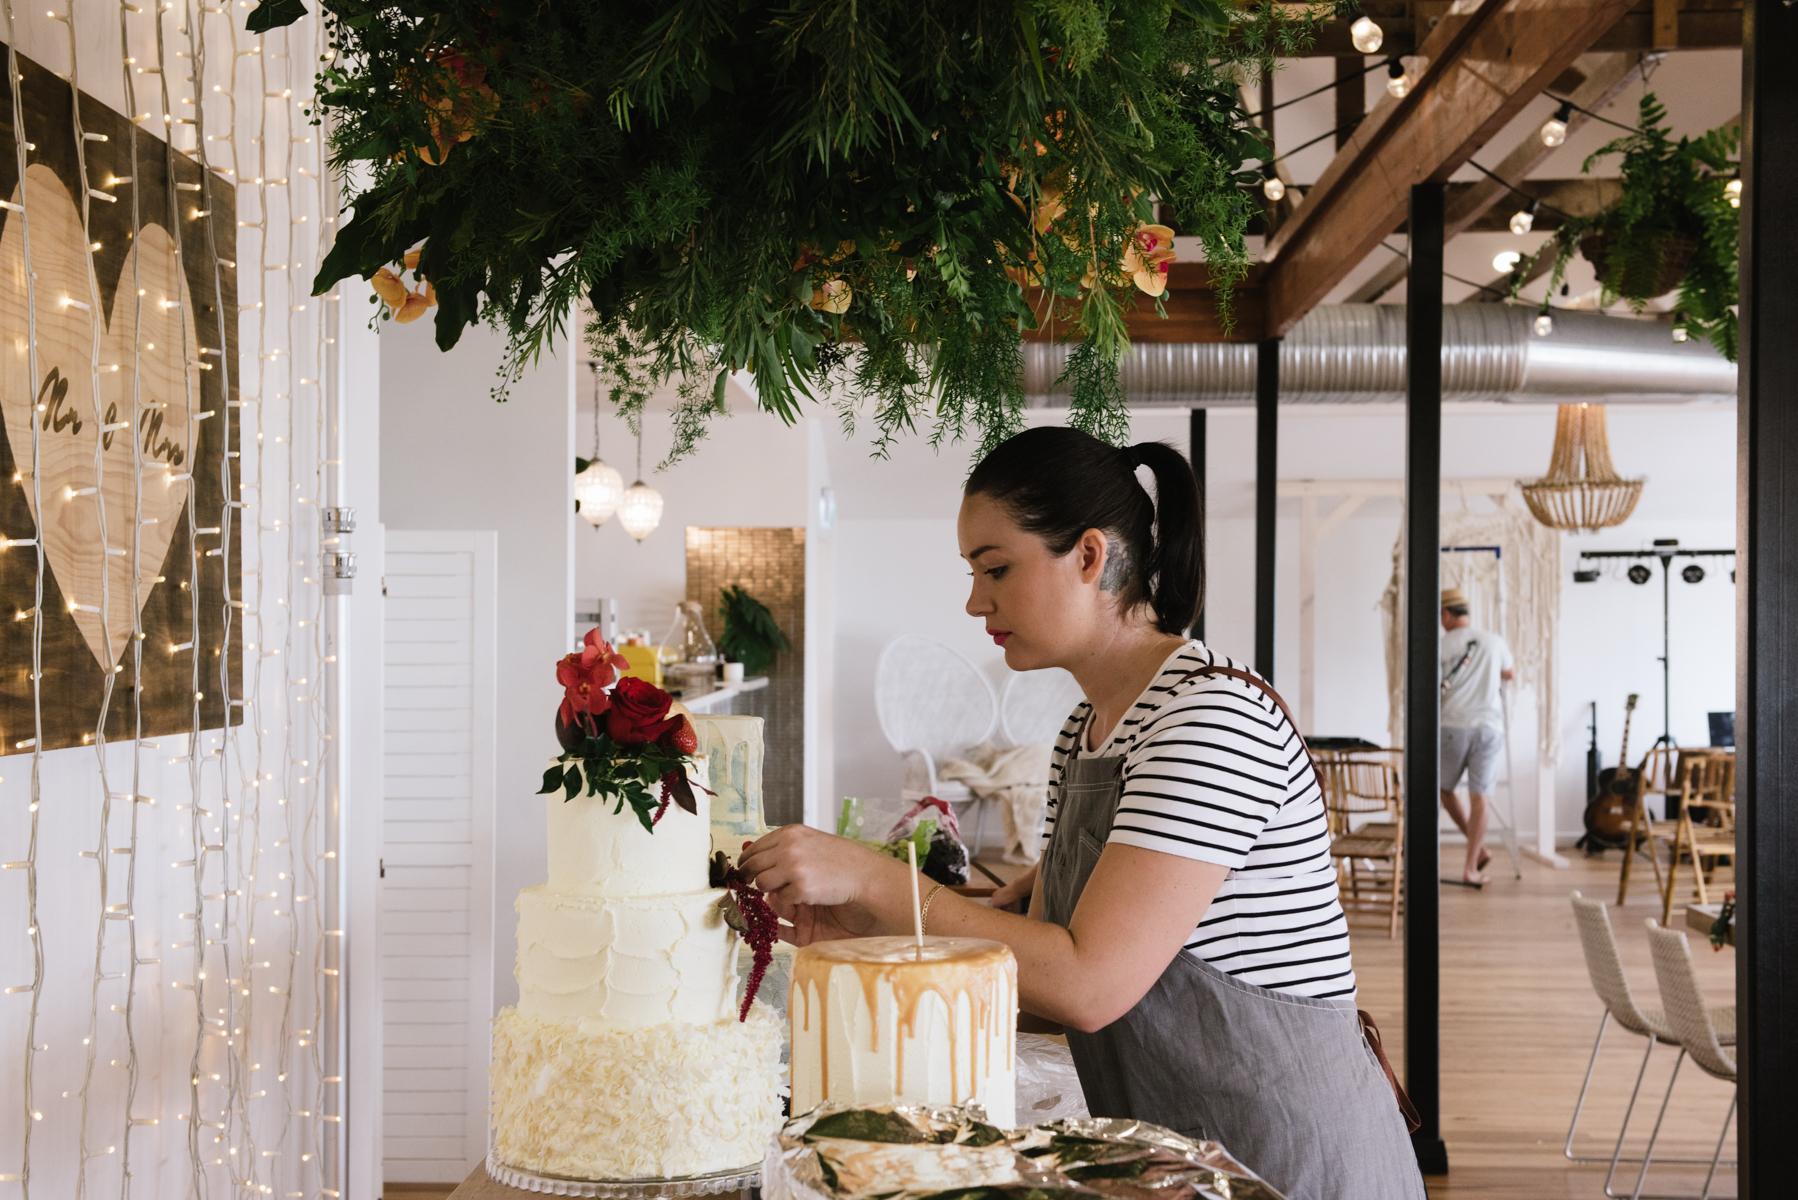 babalou-wedding- skyla sage photography weddings, families, byron bay,tweed coast,kingscliff,cabarita,gold coast-46.jpg